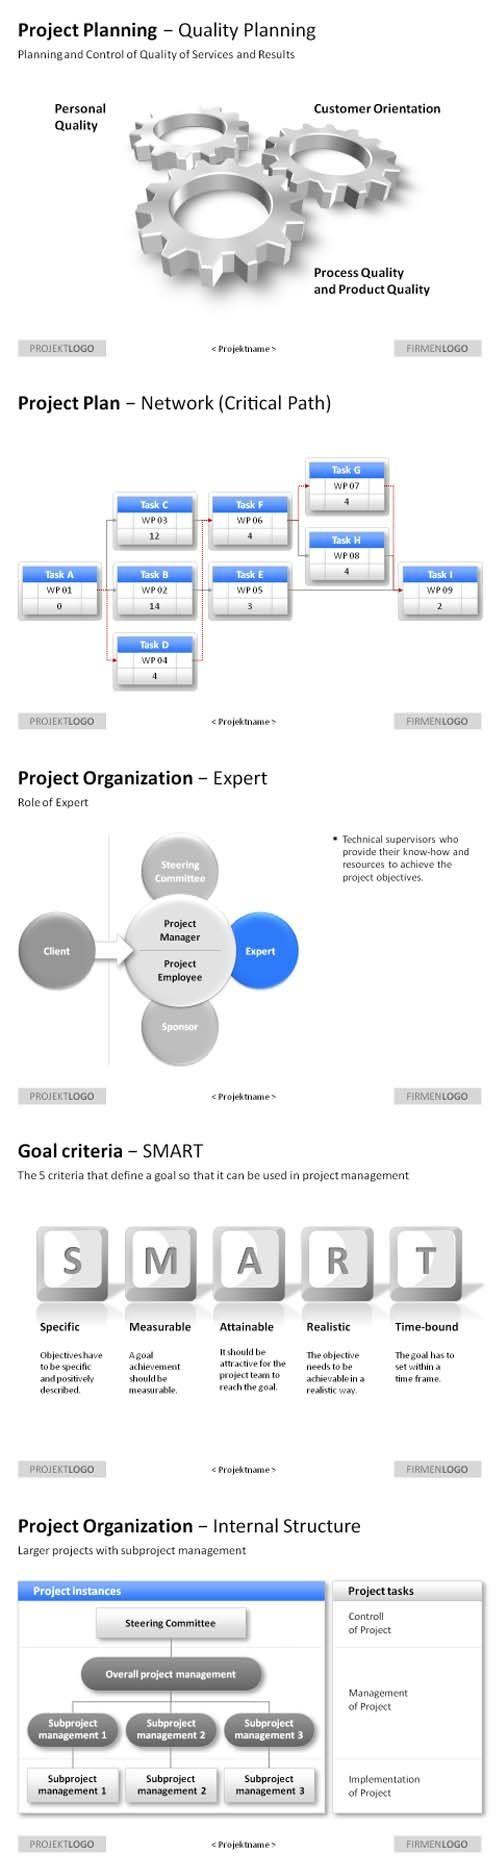 57 best Project Management images on Pinterest   Project management ...